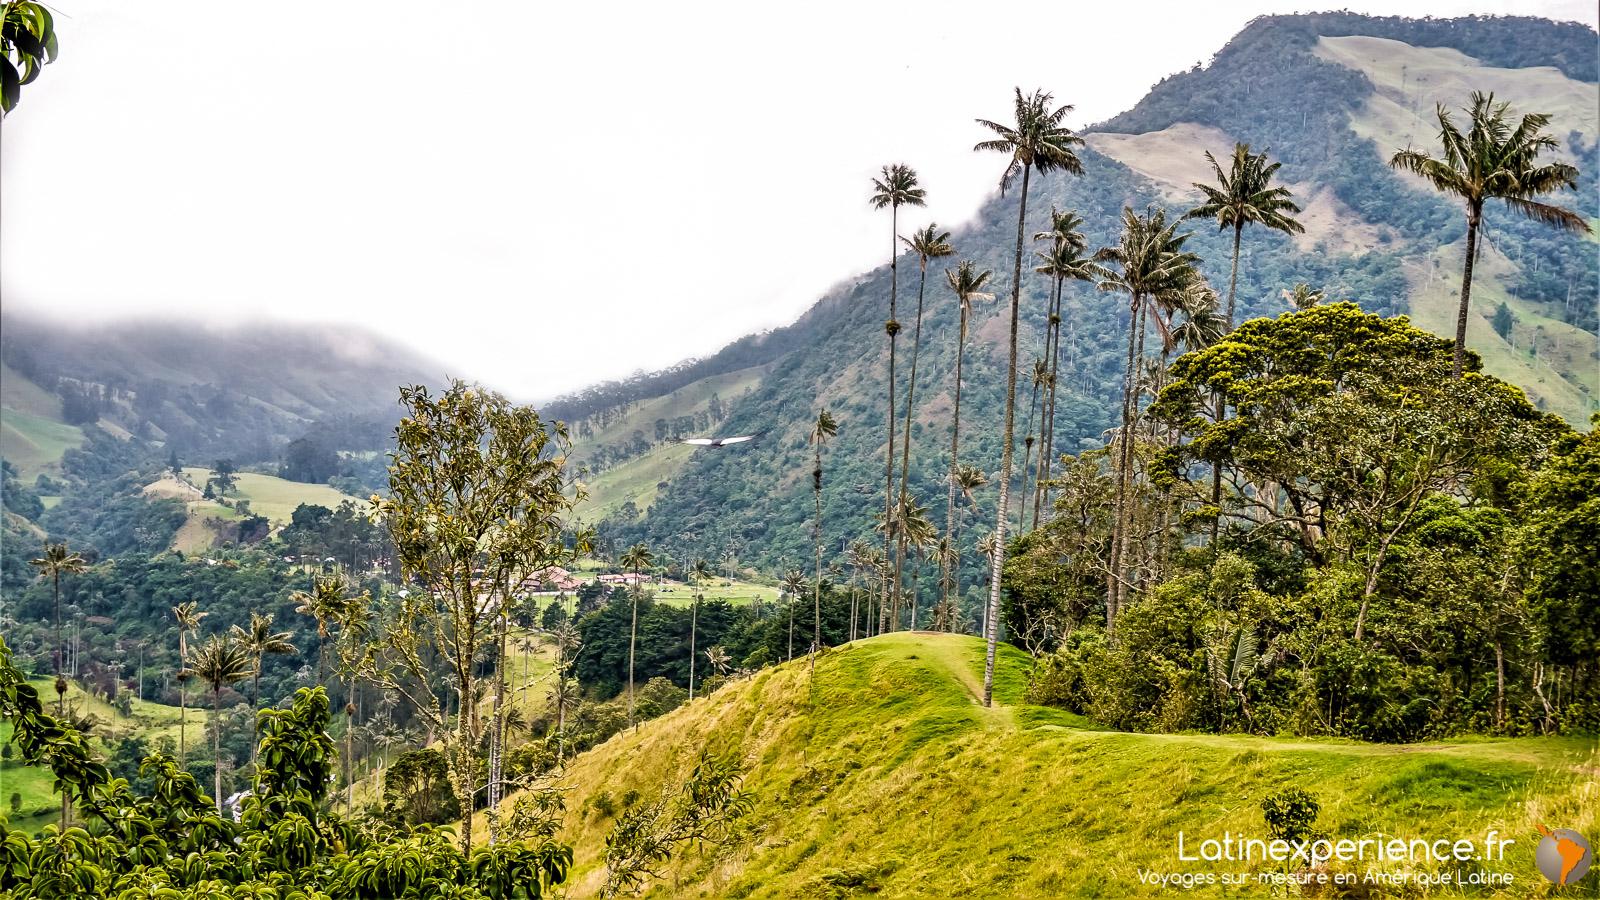 Colombie - Salento - Parc de Cocora - Latinexperience voyages